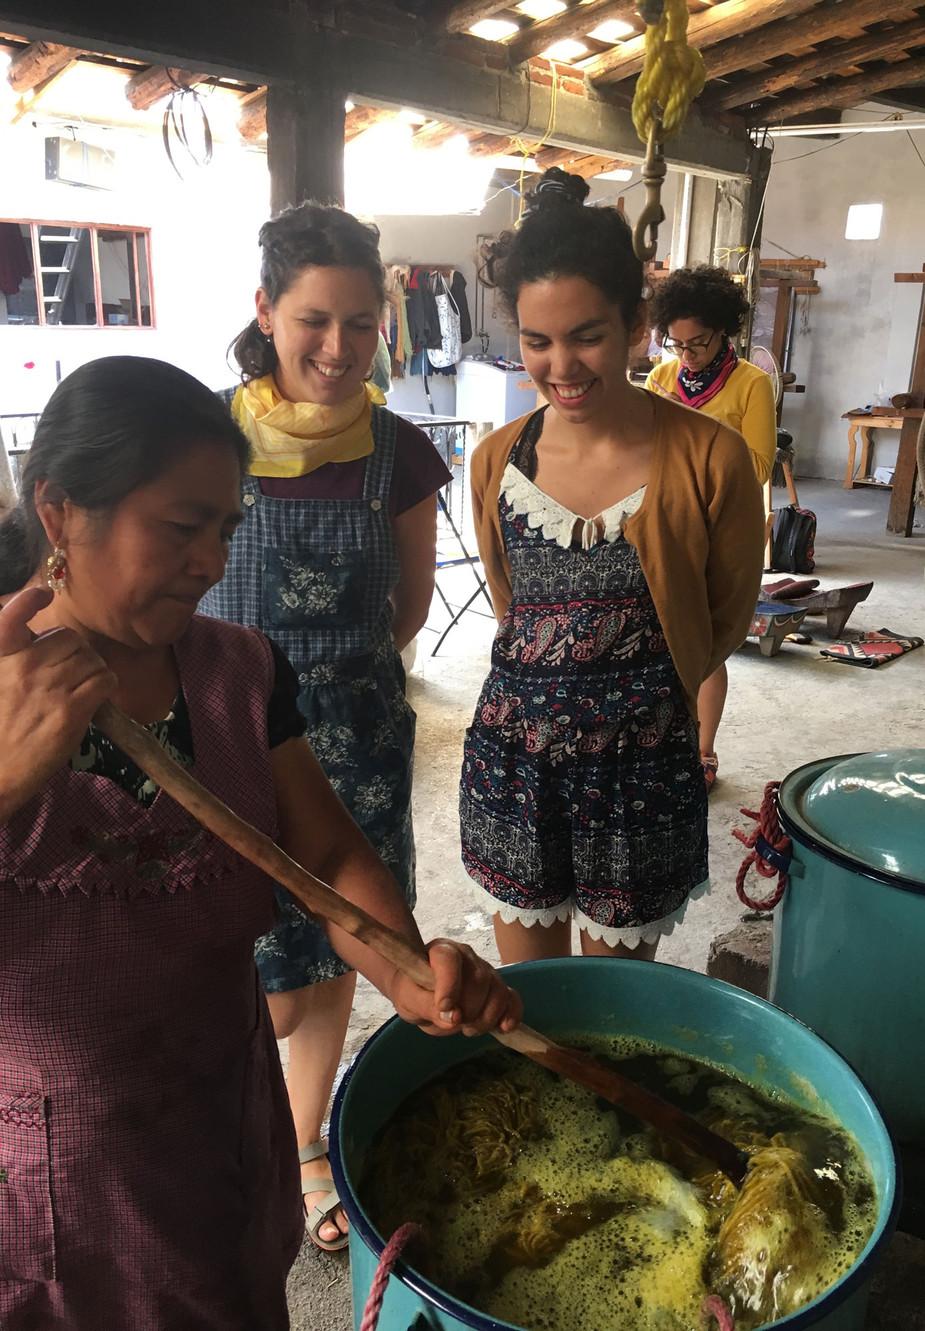 Viaje de aprendizaje y búsquedas textiles en Cooperativa Biidauu, Centro de arte Textil Zapoteco, Teotitlan del Valle, Oaxaca, México